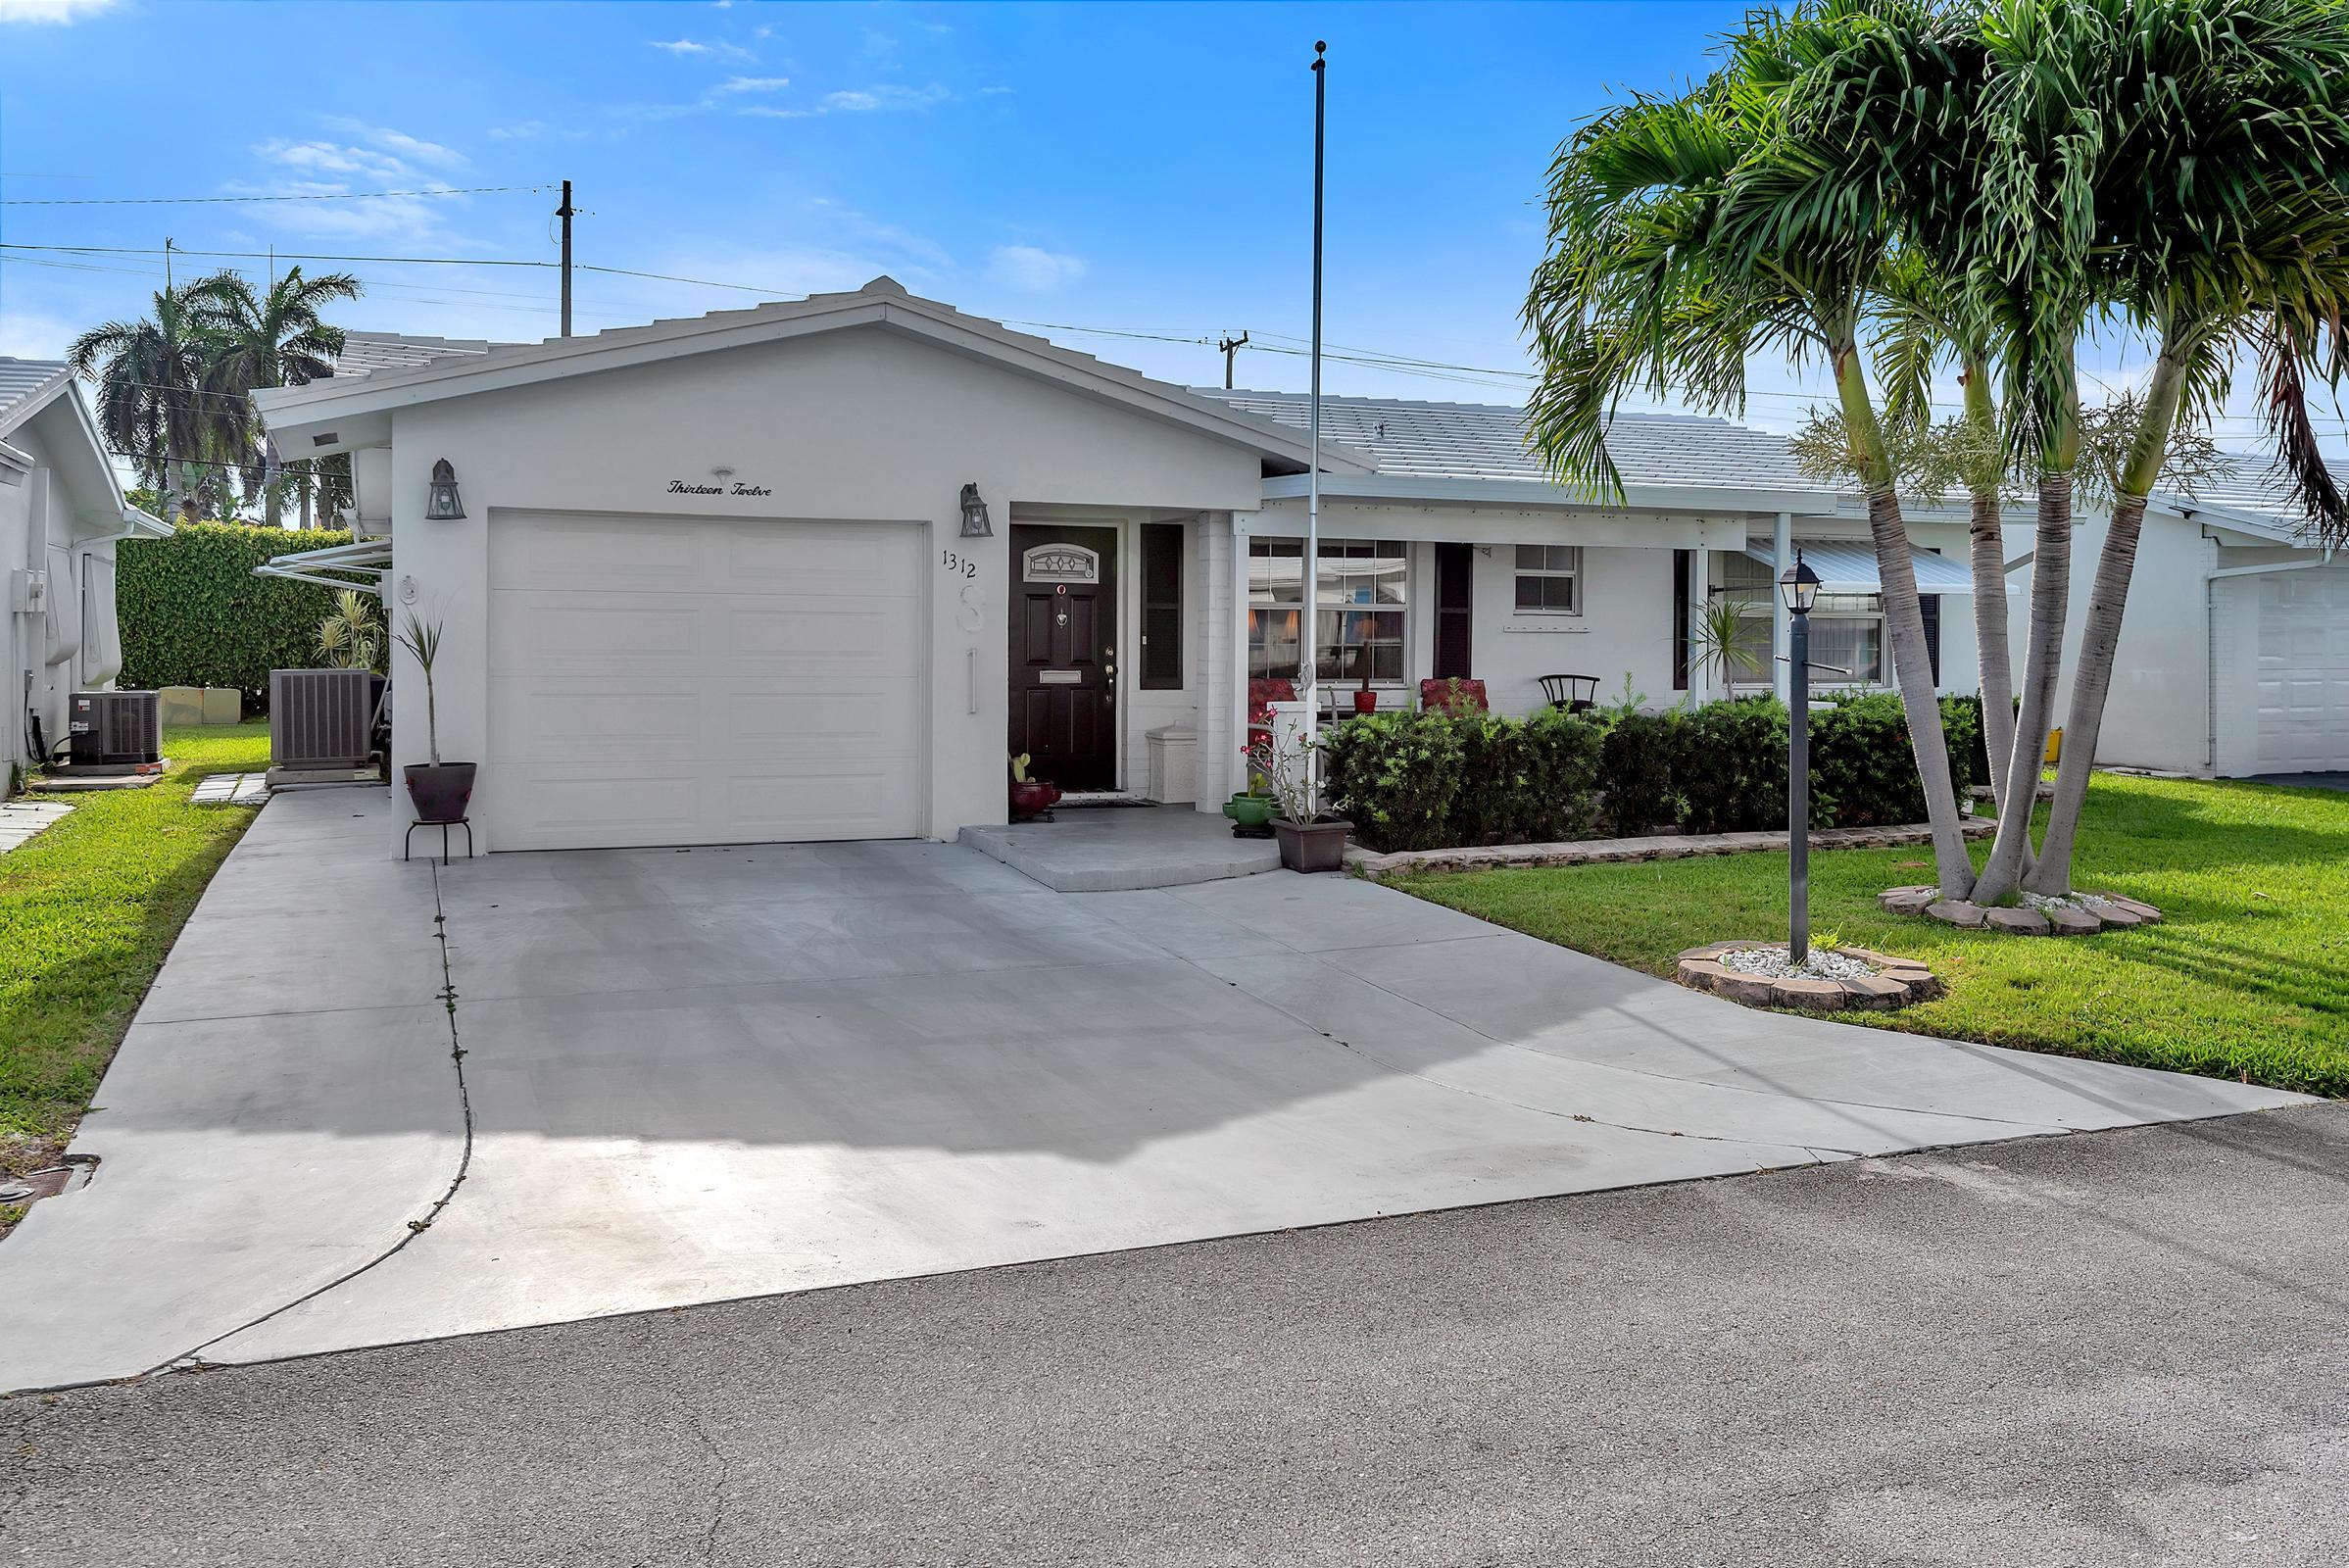 1312 SW 24th Street Boynton Beach, FL 33426